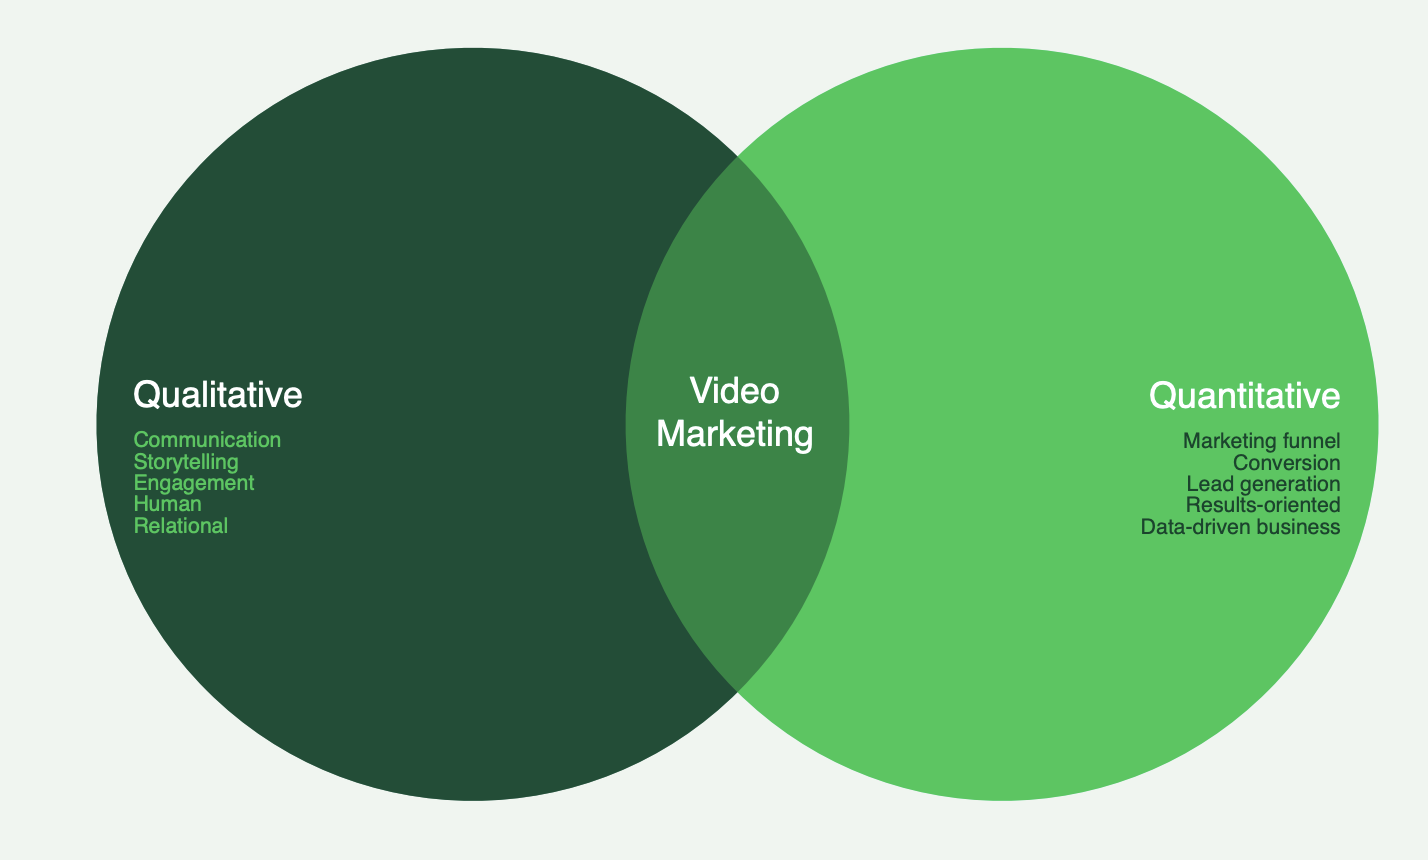 Les objectifs pour définir sa stratégie video marketing